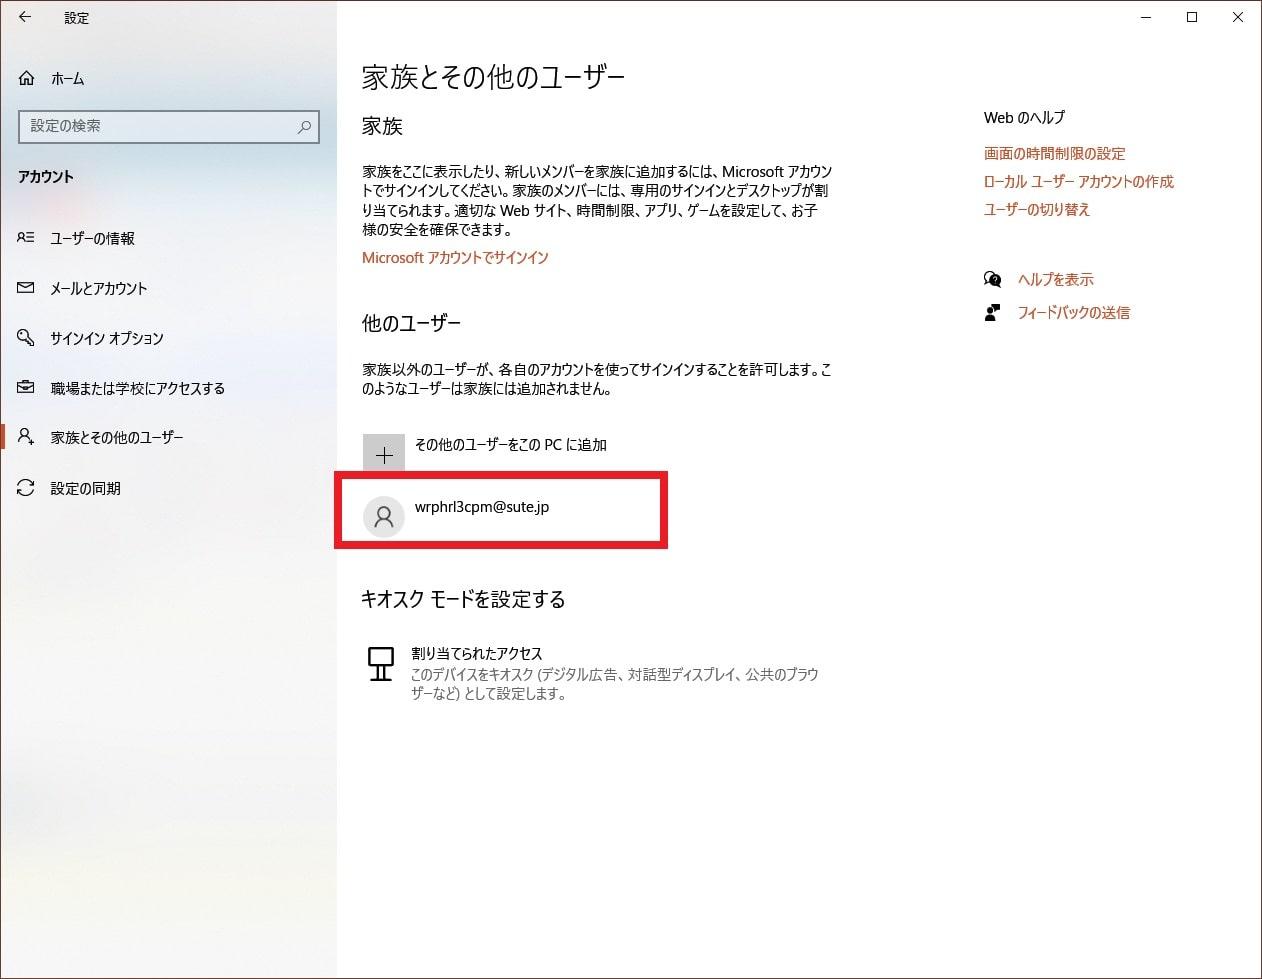 マイクロソフトアカウントが追加されたWindows 10の家族とその他のユーザーという項目